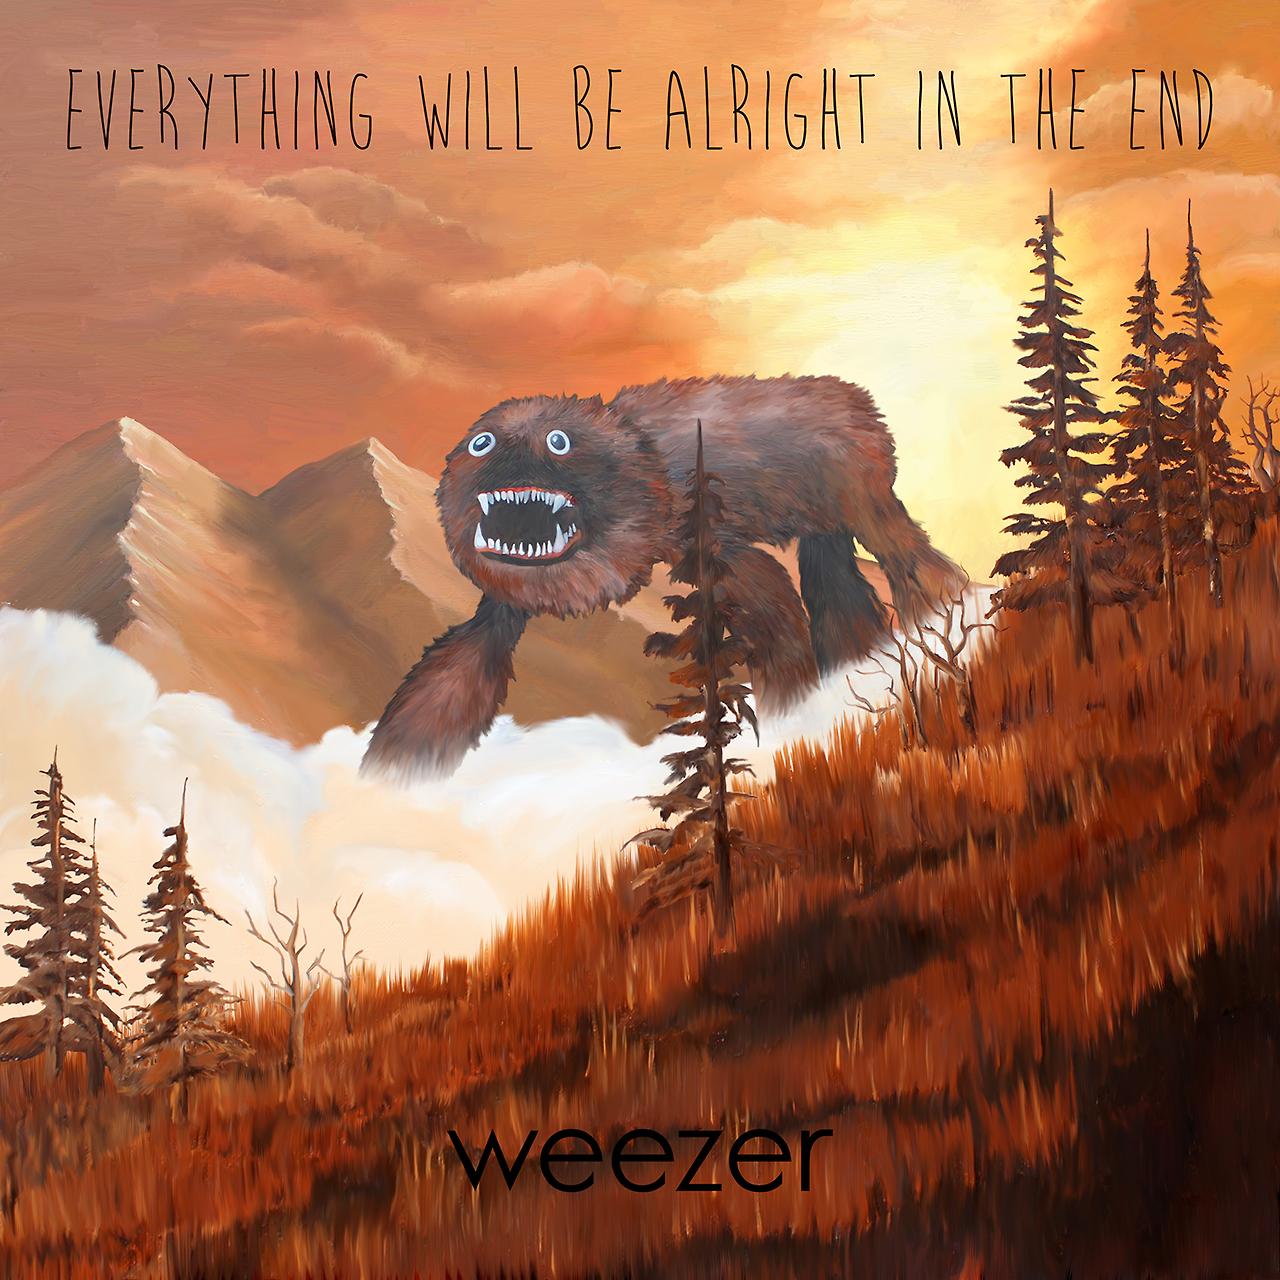 Weezer_EWBAITE.jpg